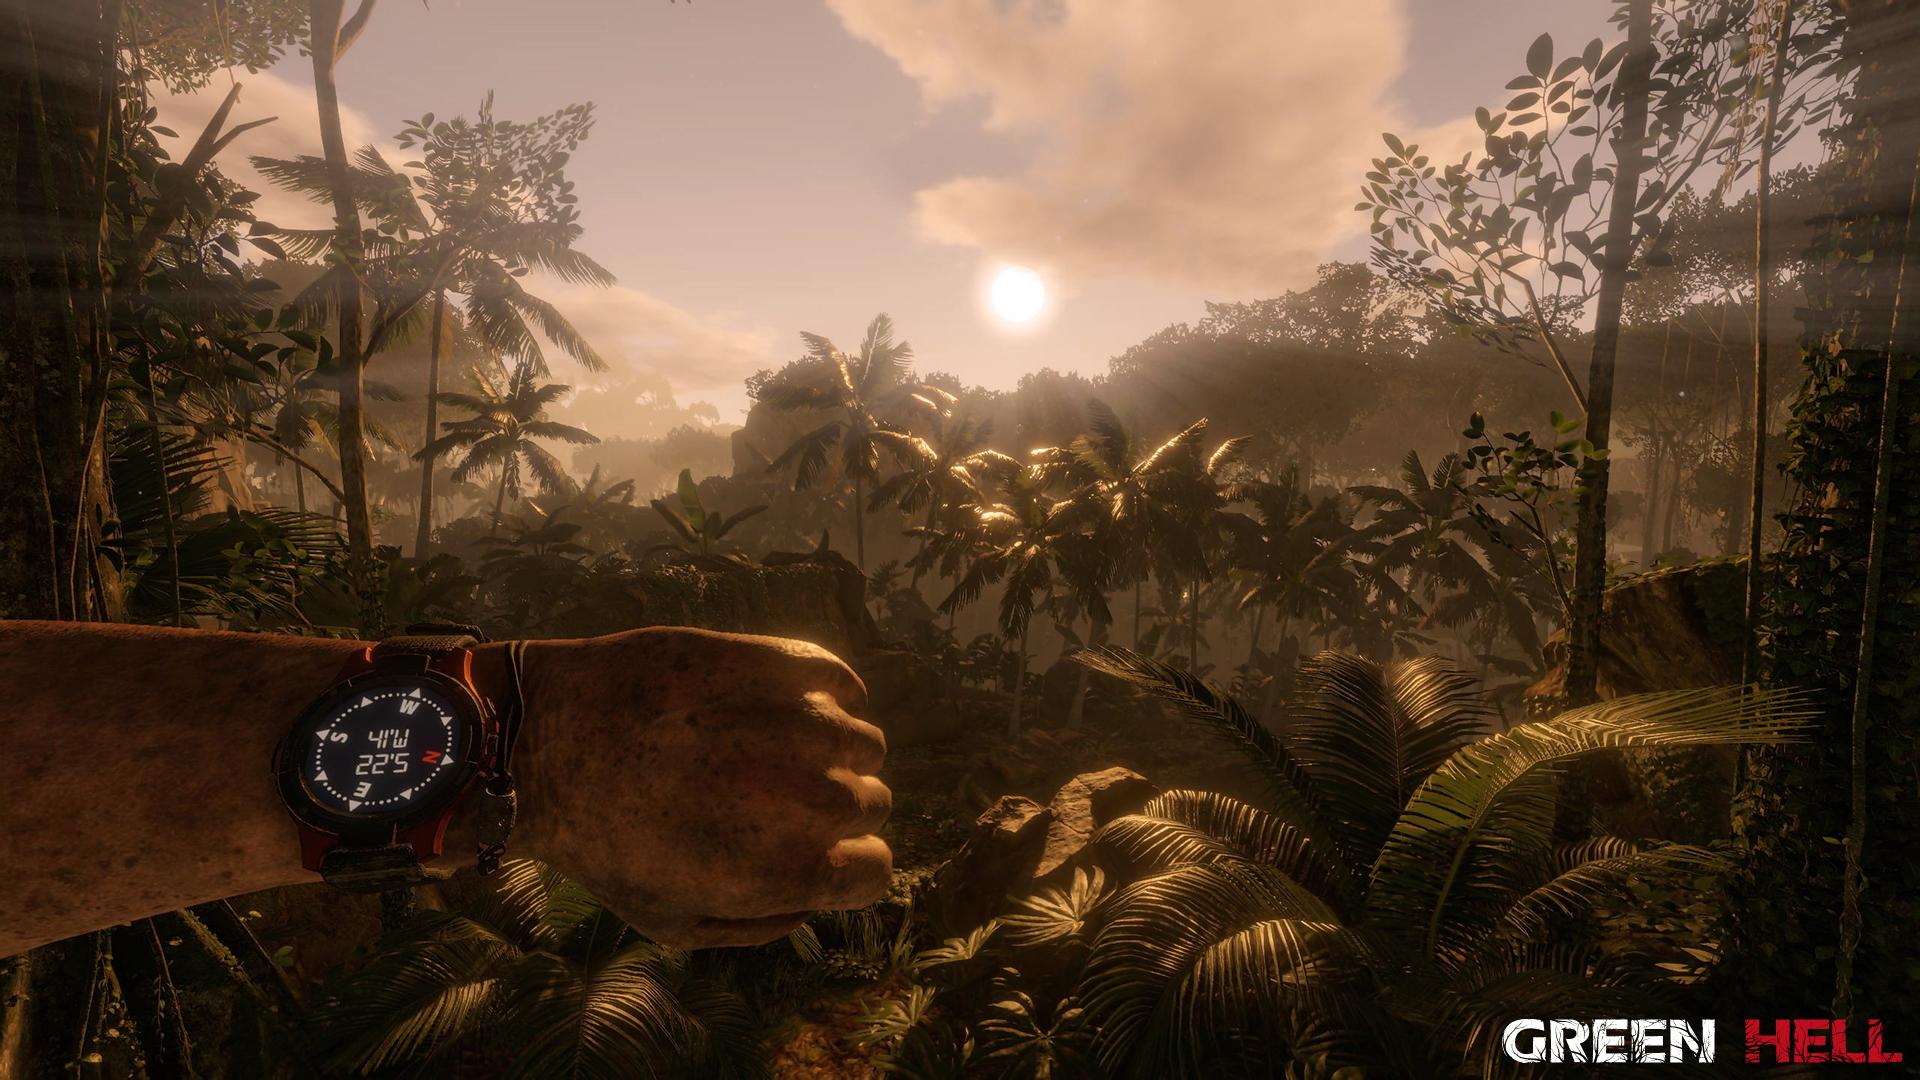 green-hell-pc-screenshot-04